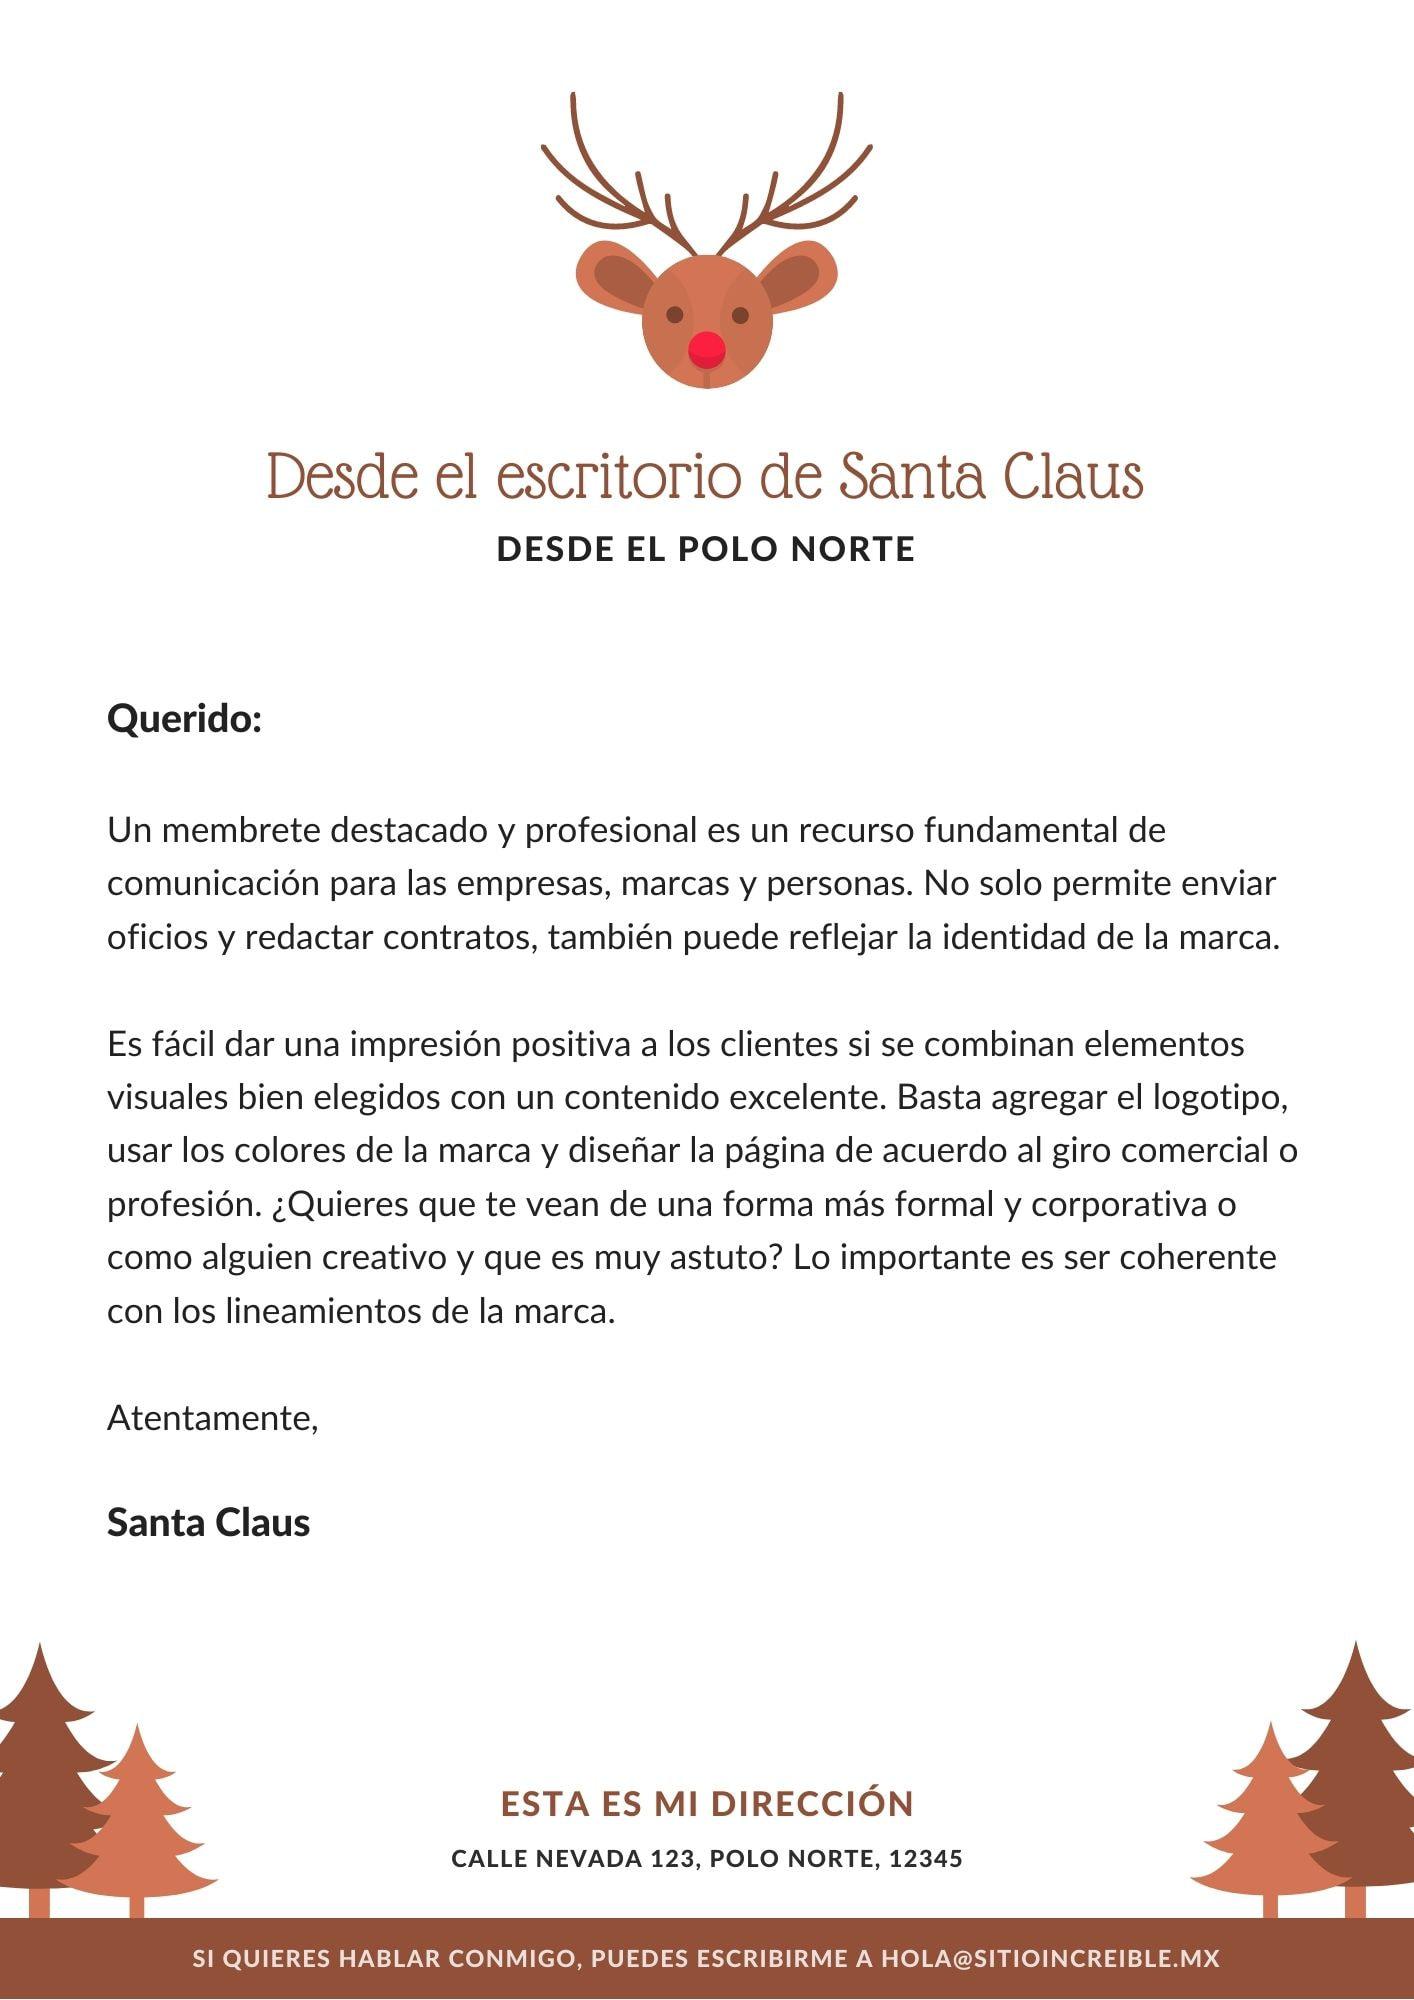 Marrón Reno Icono Carta de Santa